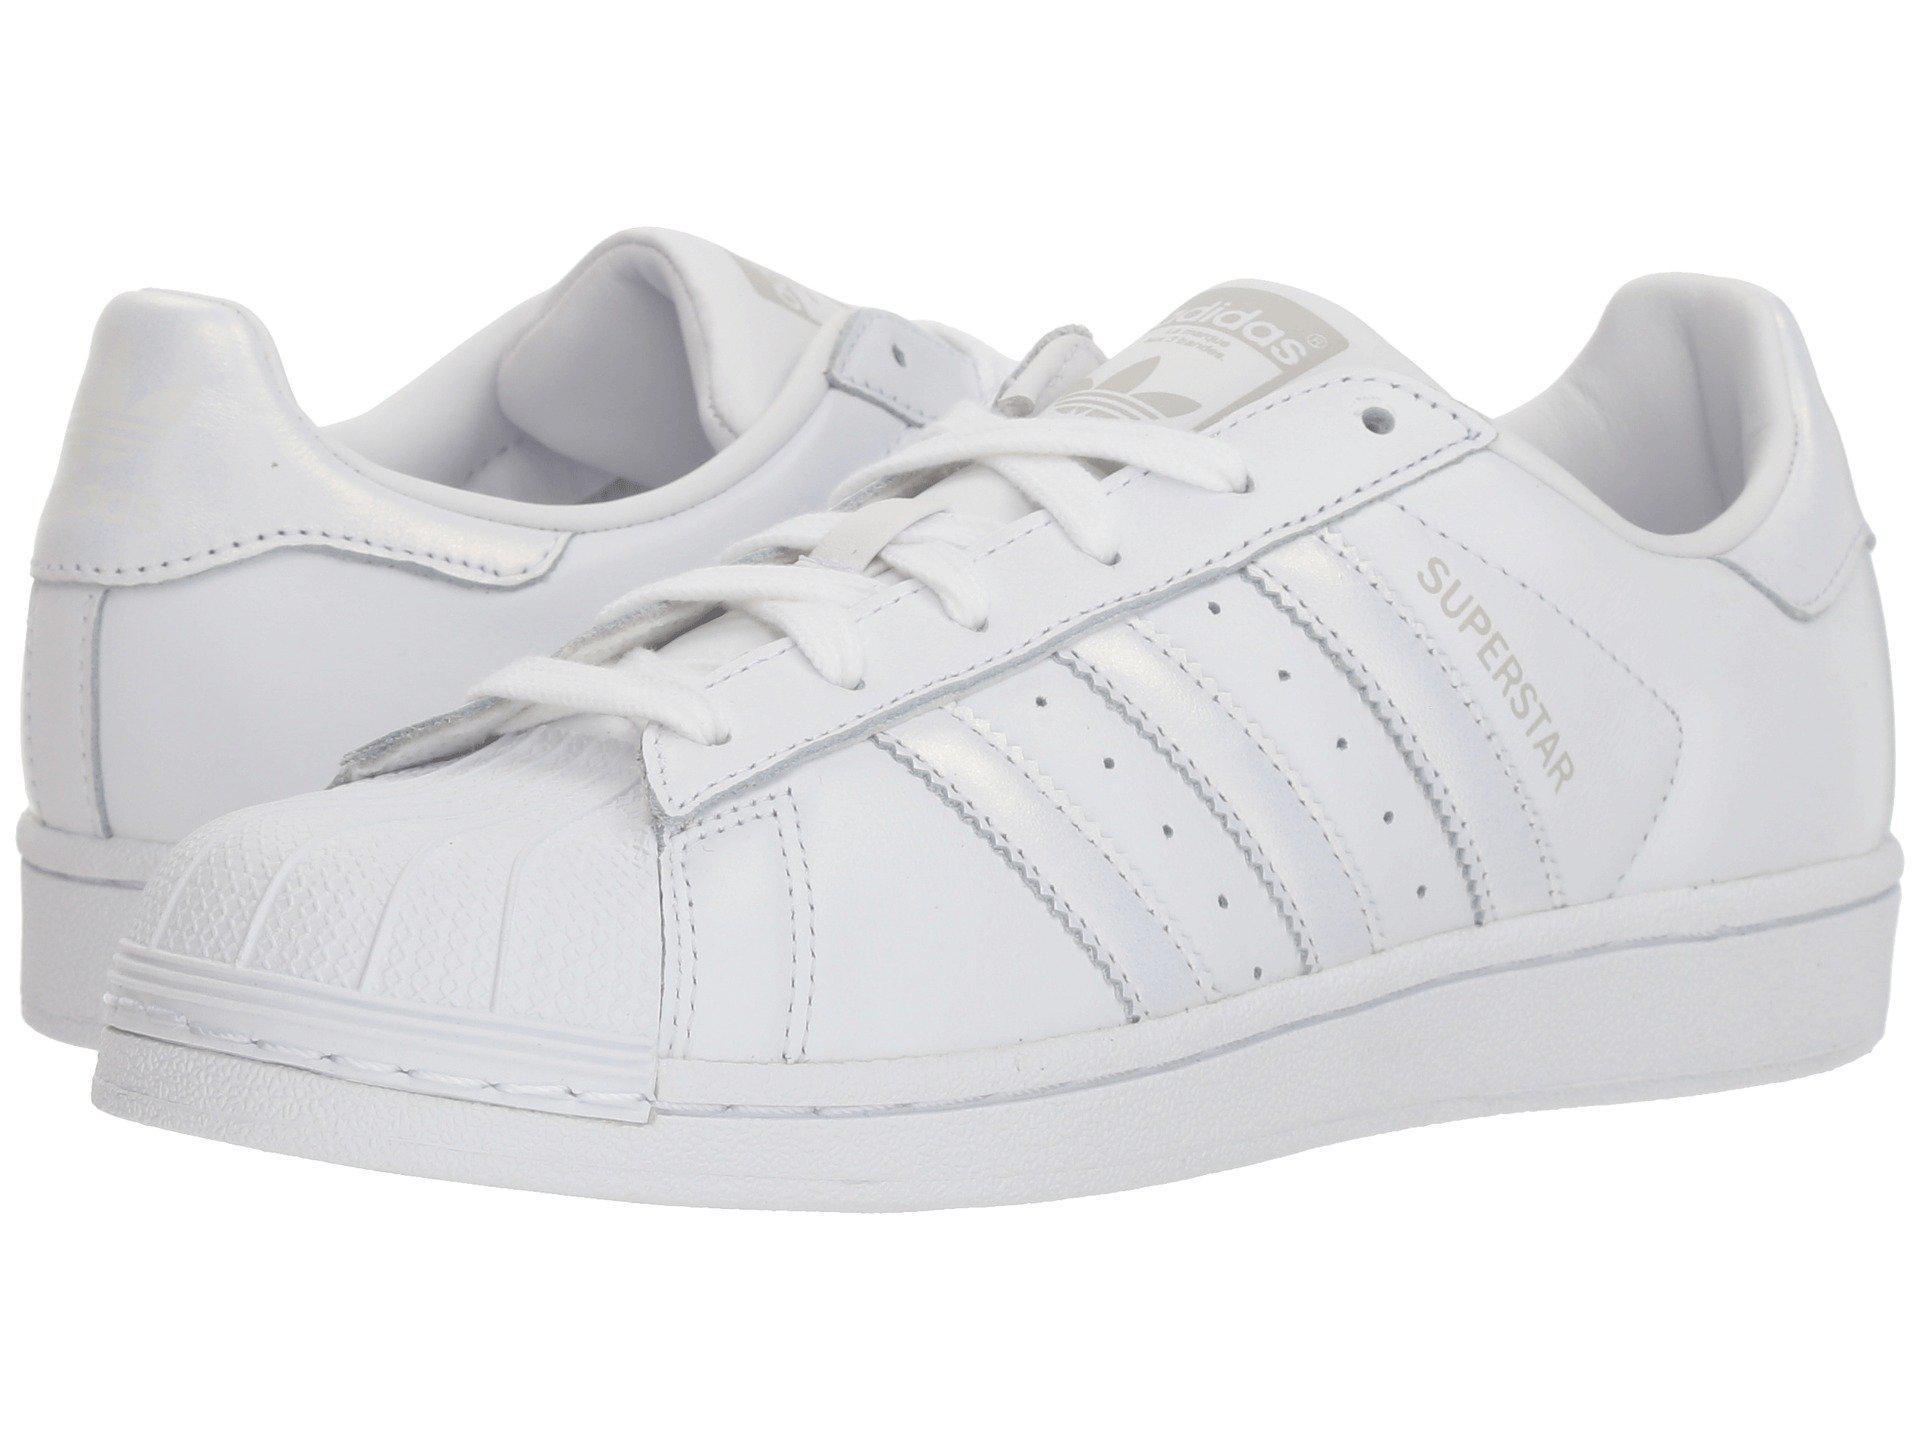 hot sale online 20b69 6f91b adidas Originals. Superstar W (white red ...